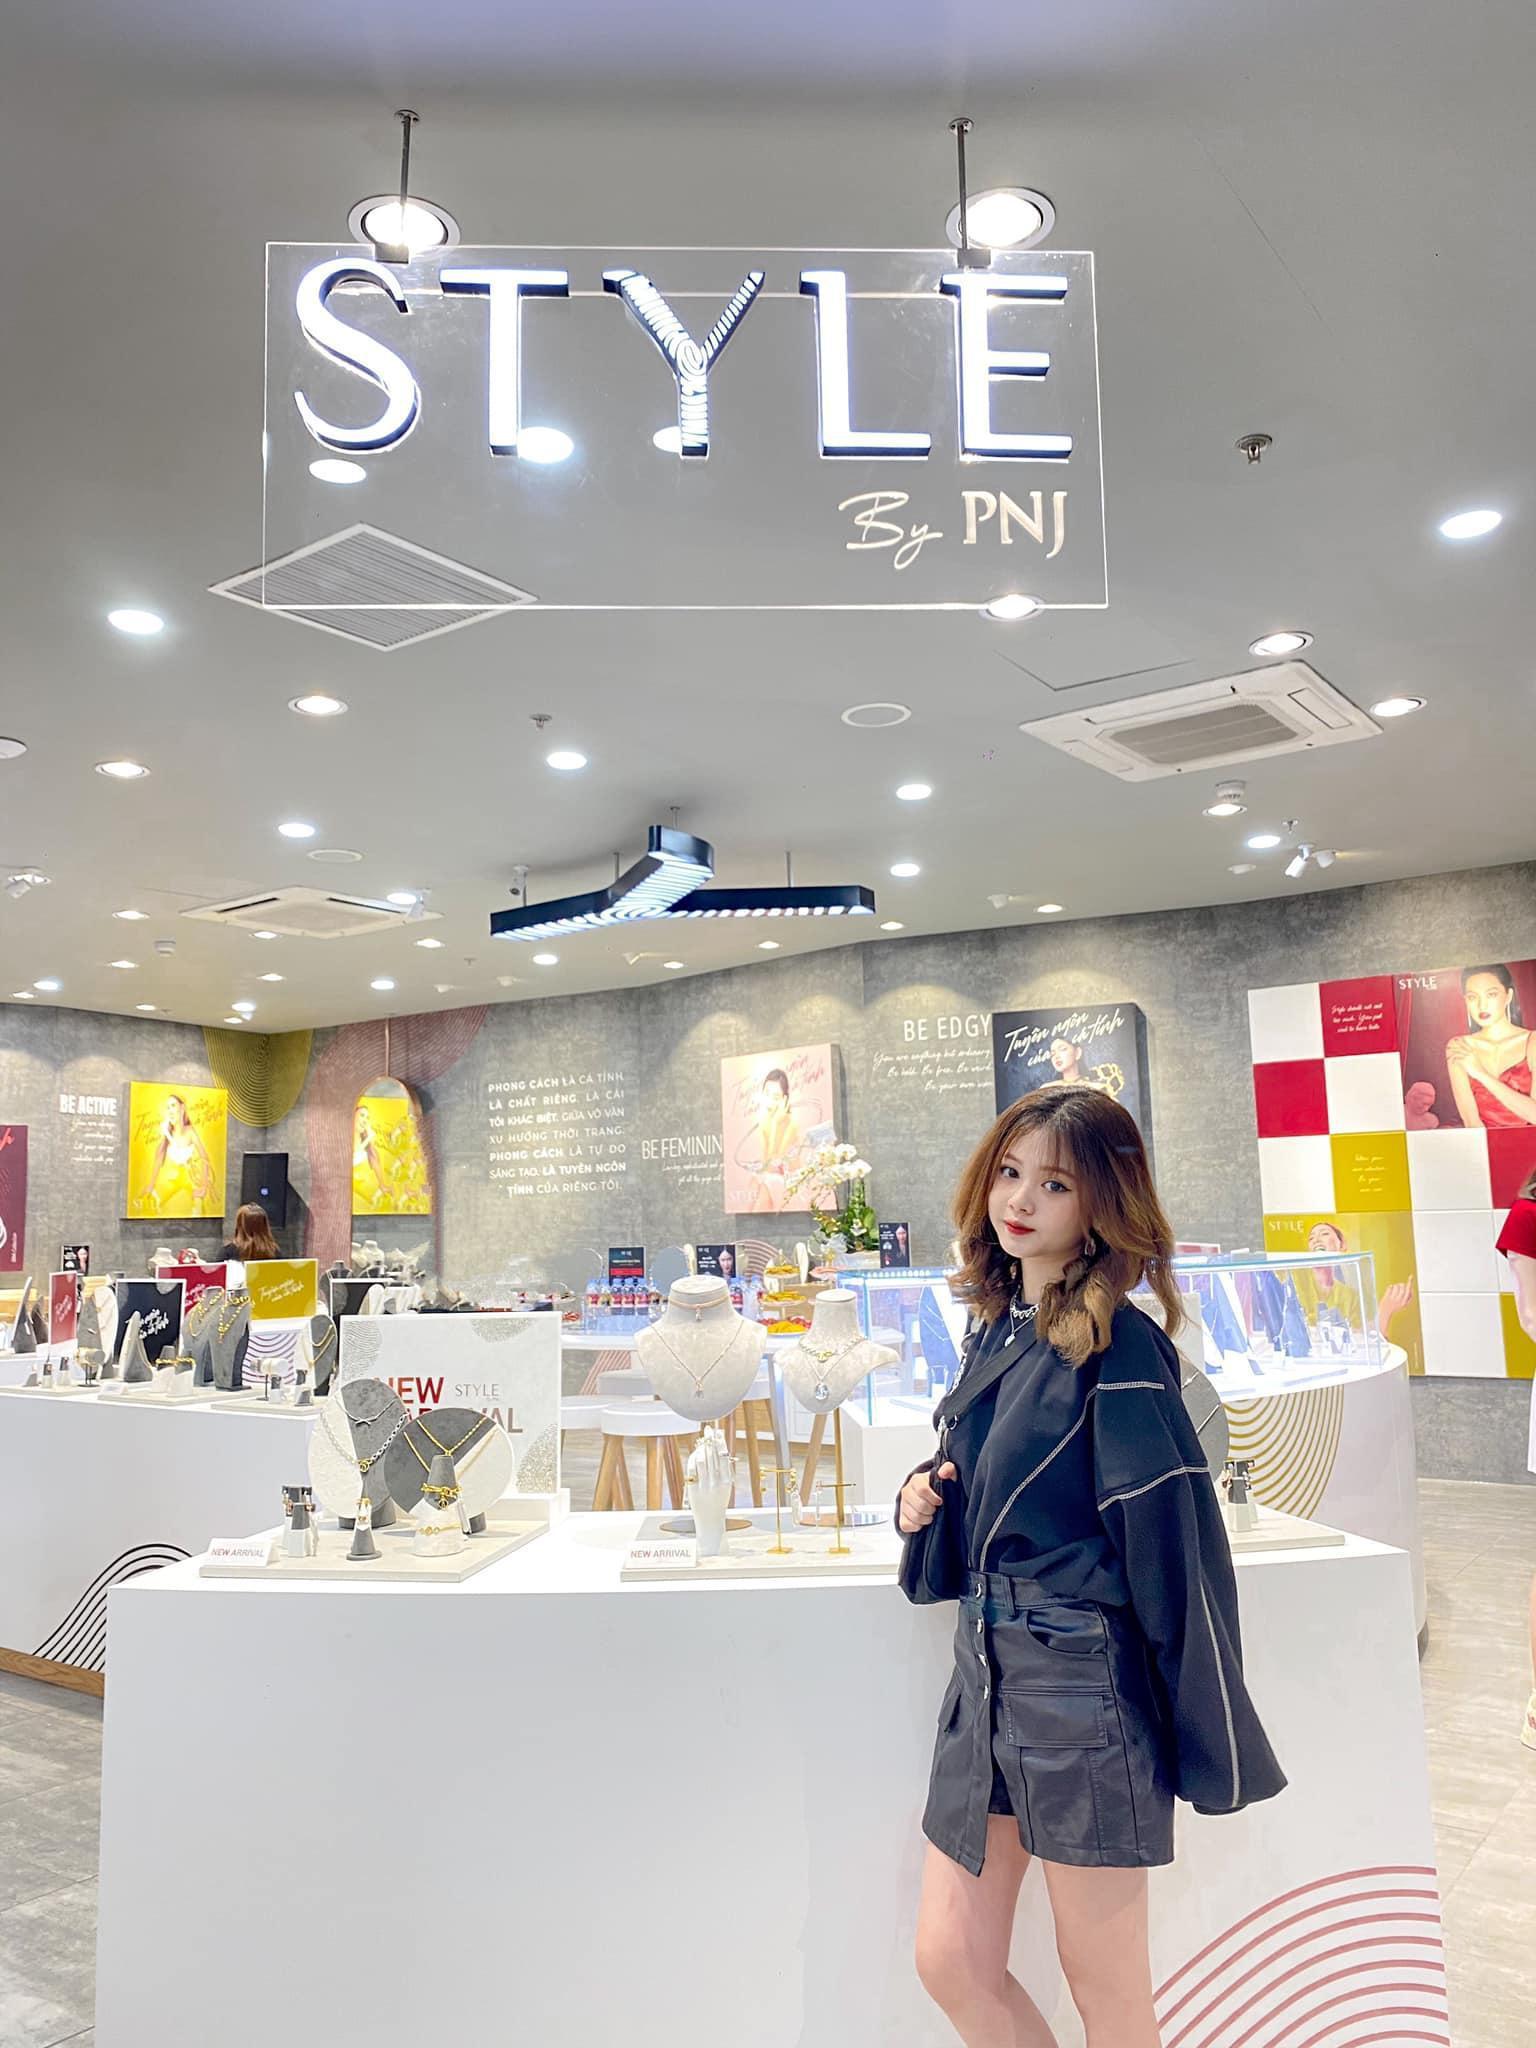 Chuyện gì đây? Giới trẻ Hà thành đồng loạt check-in STYLE by PNJ tại Hà Nội - Ảnh 8.